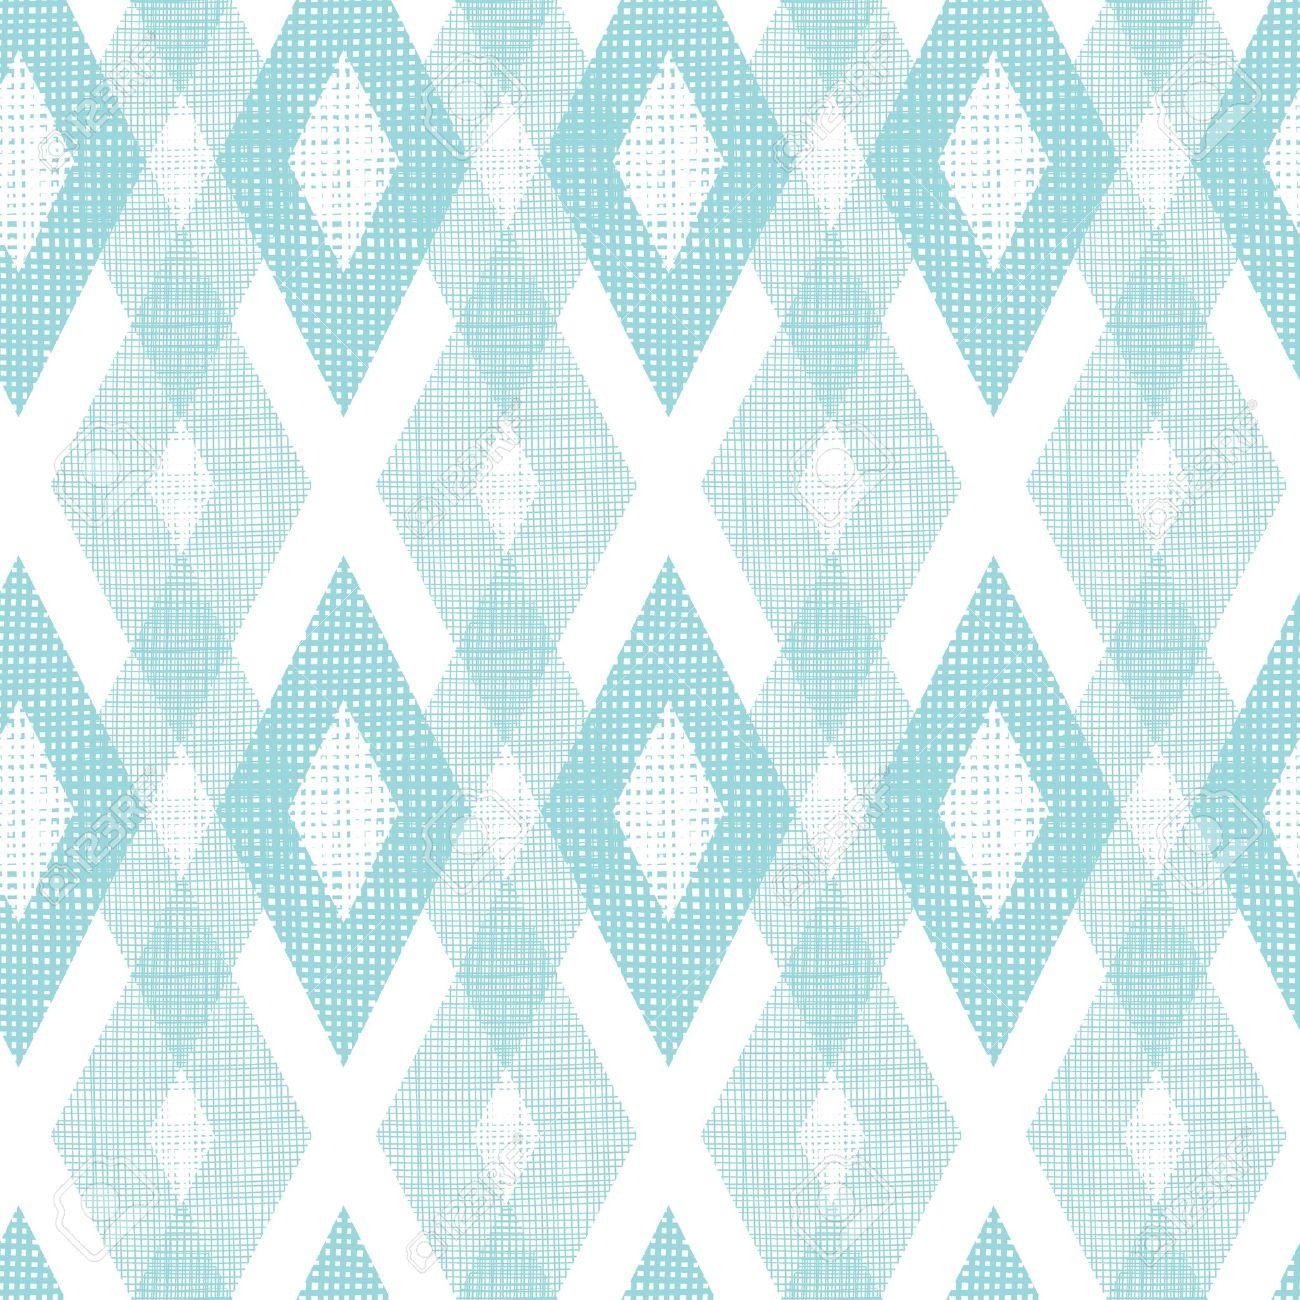 Pastel blue fabric ikat diamond seamless pattern background Stock Photo - 21263924